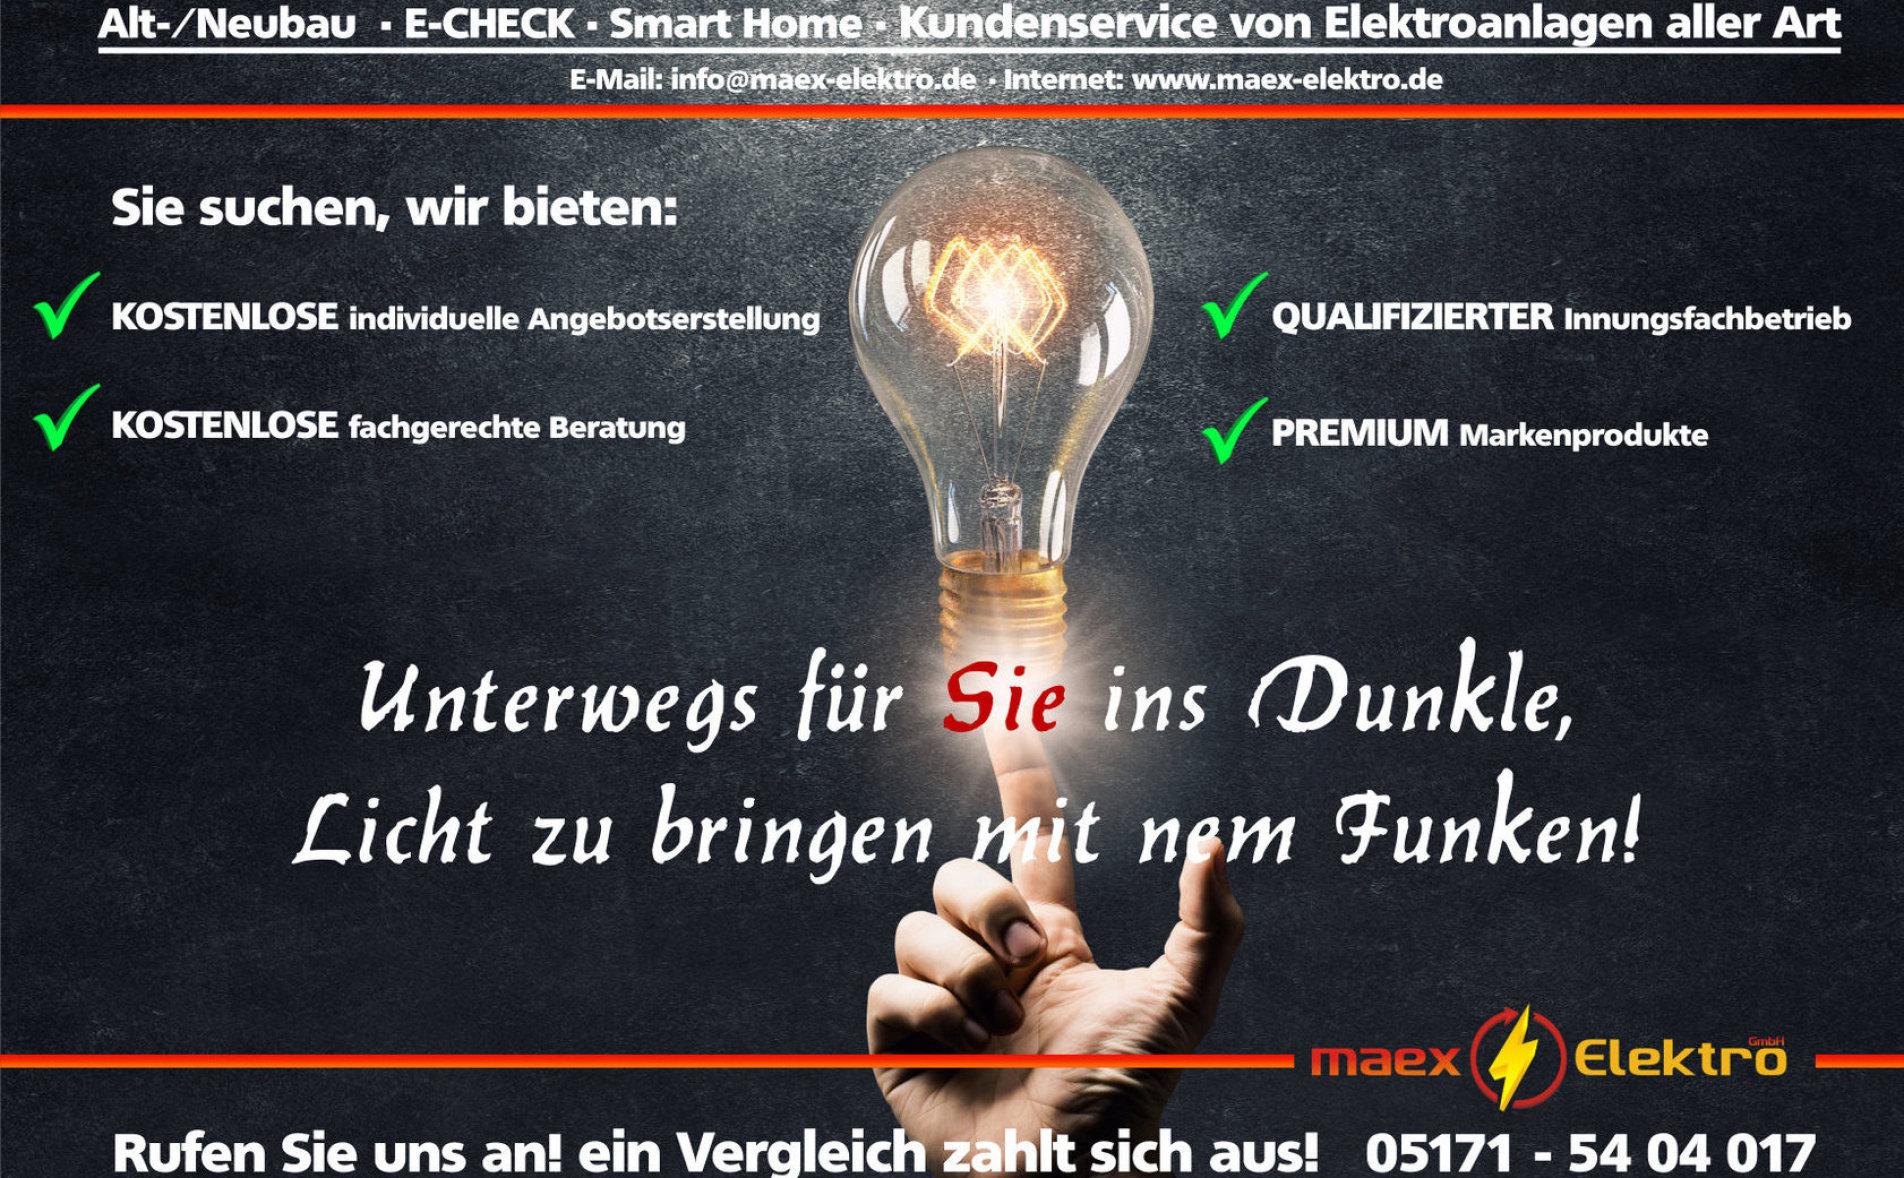 maex Elektro GmbH - Elektrotechnik